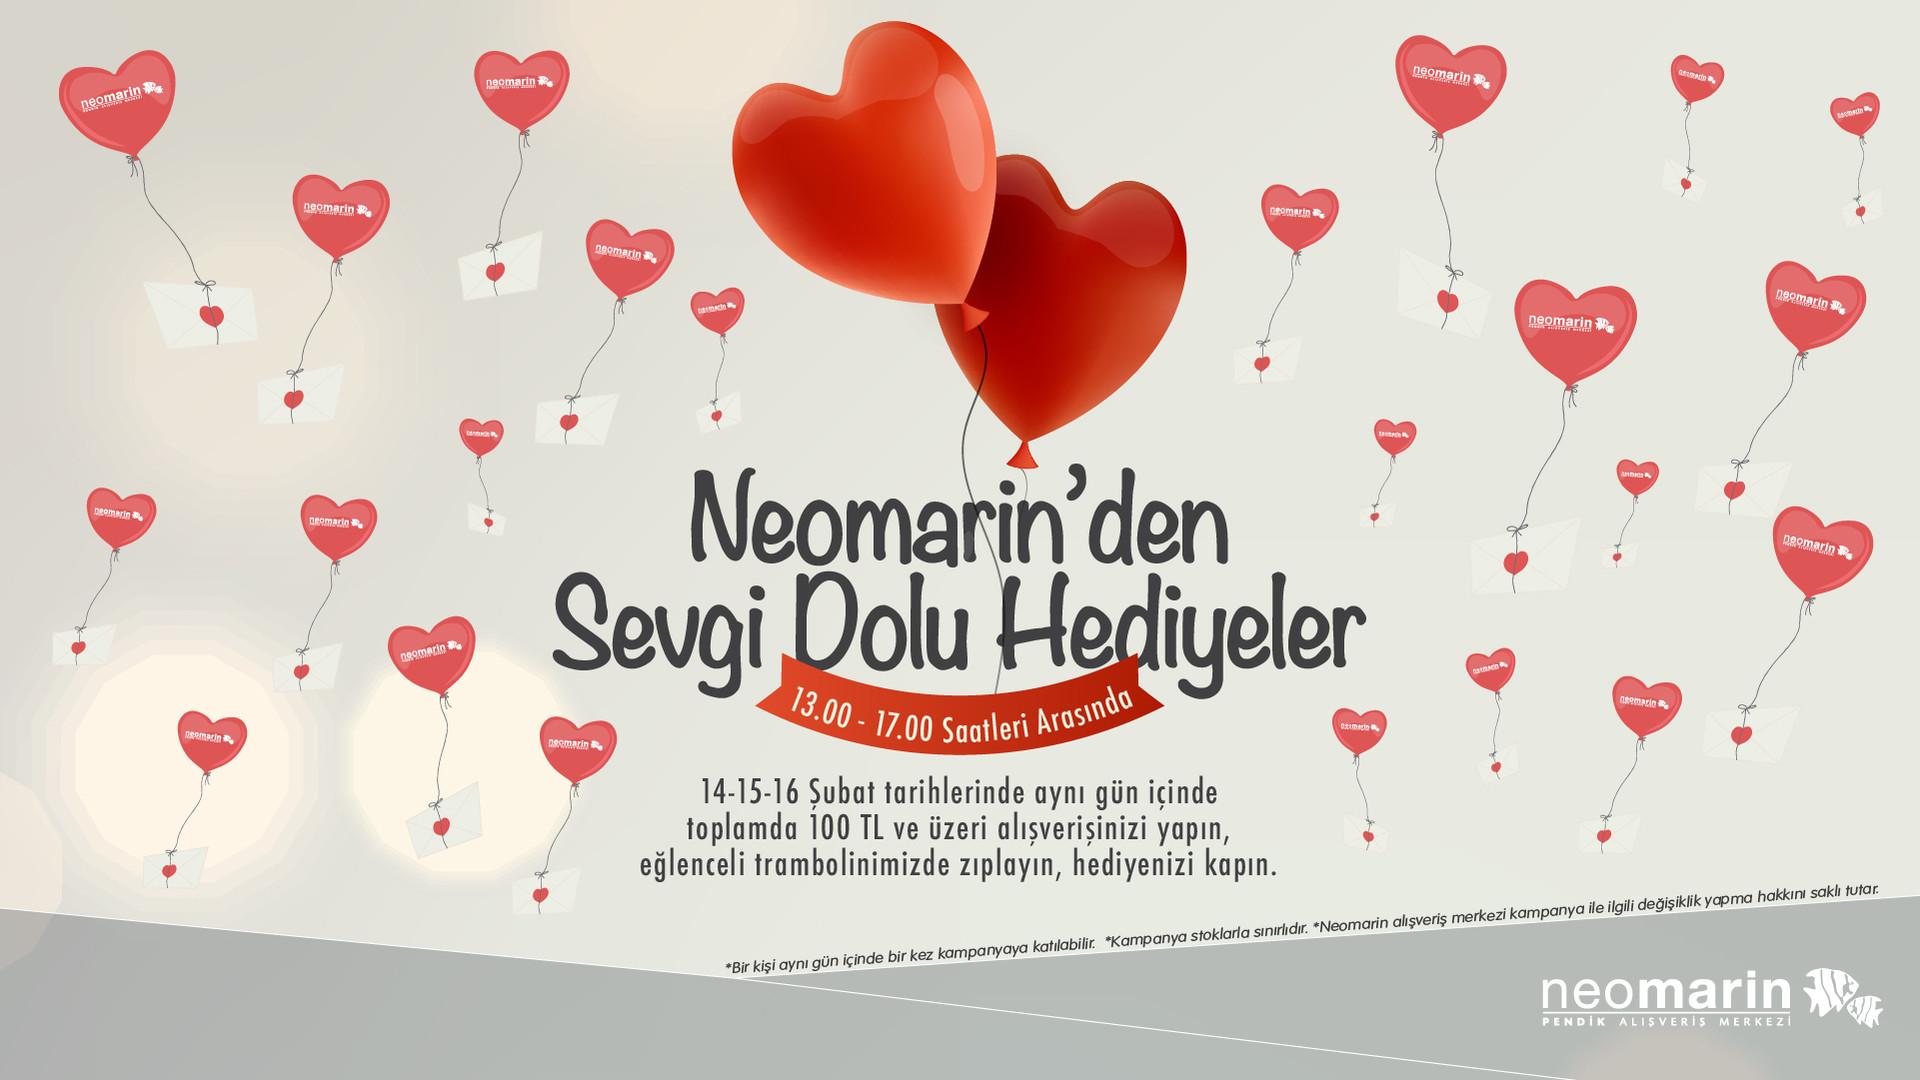 Neomarin'den Sevgi Dolu Hediyeler